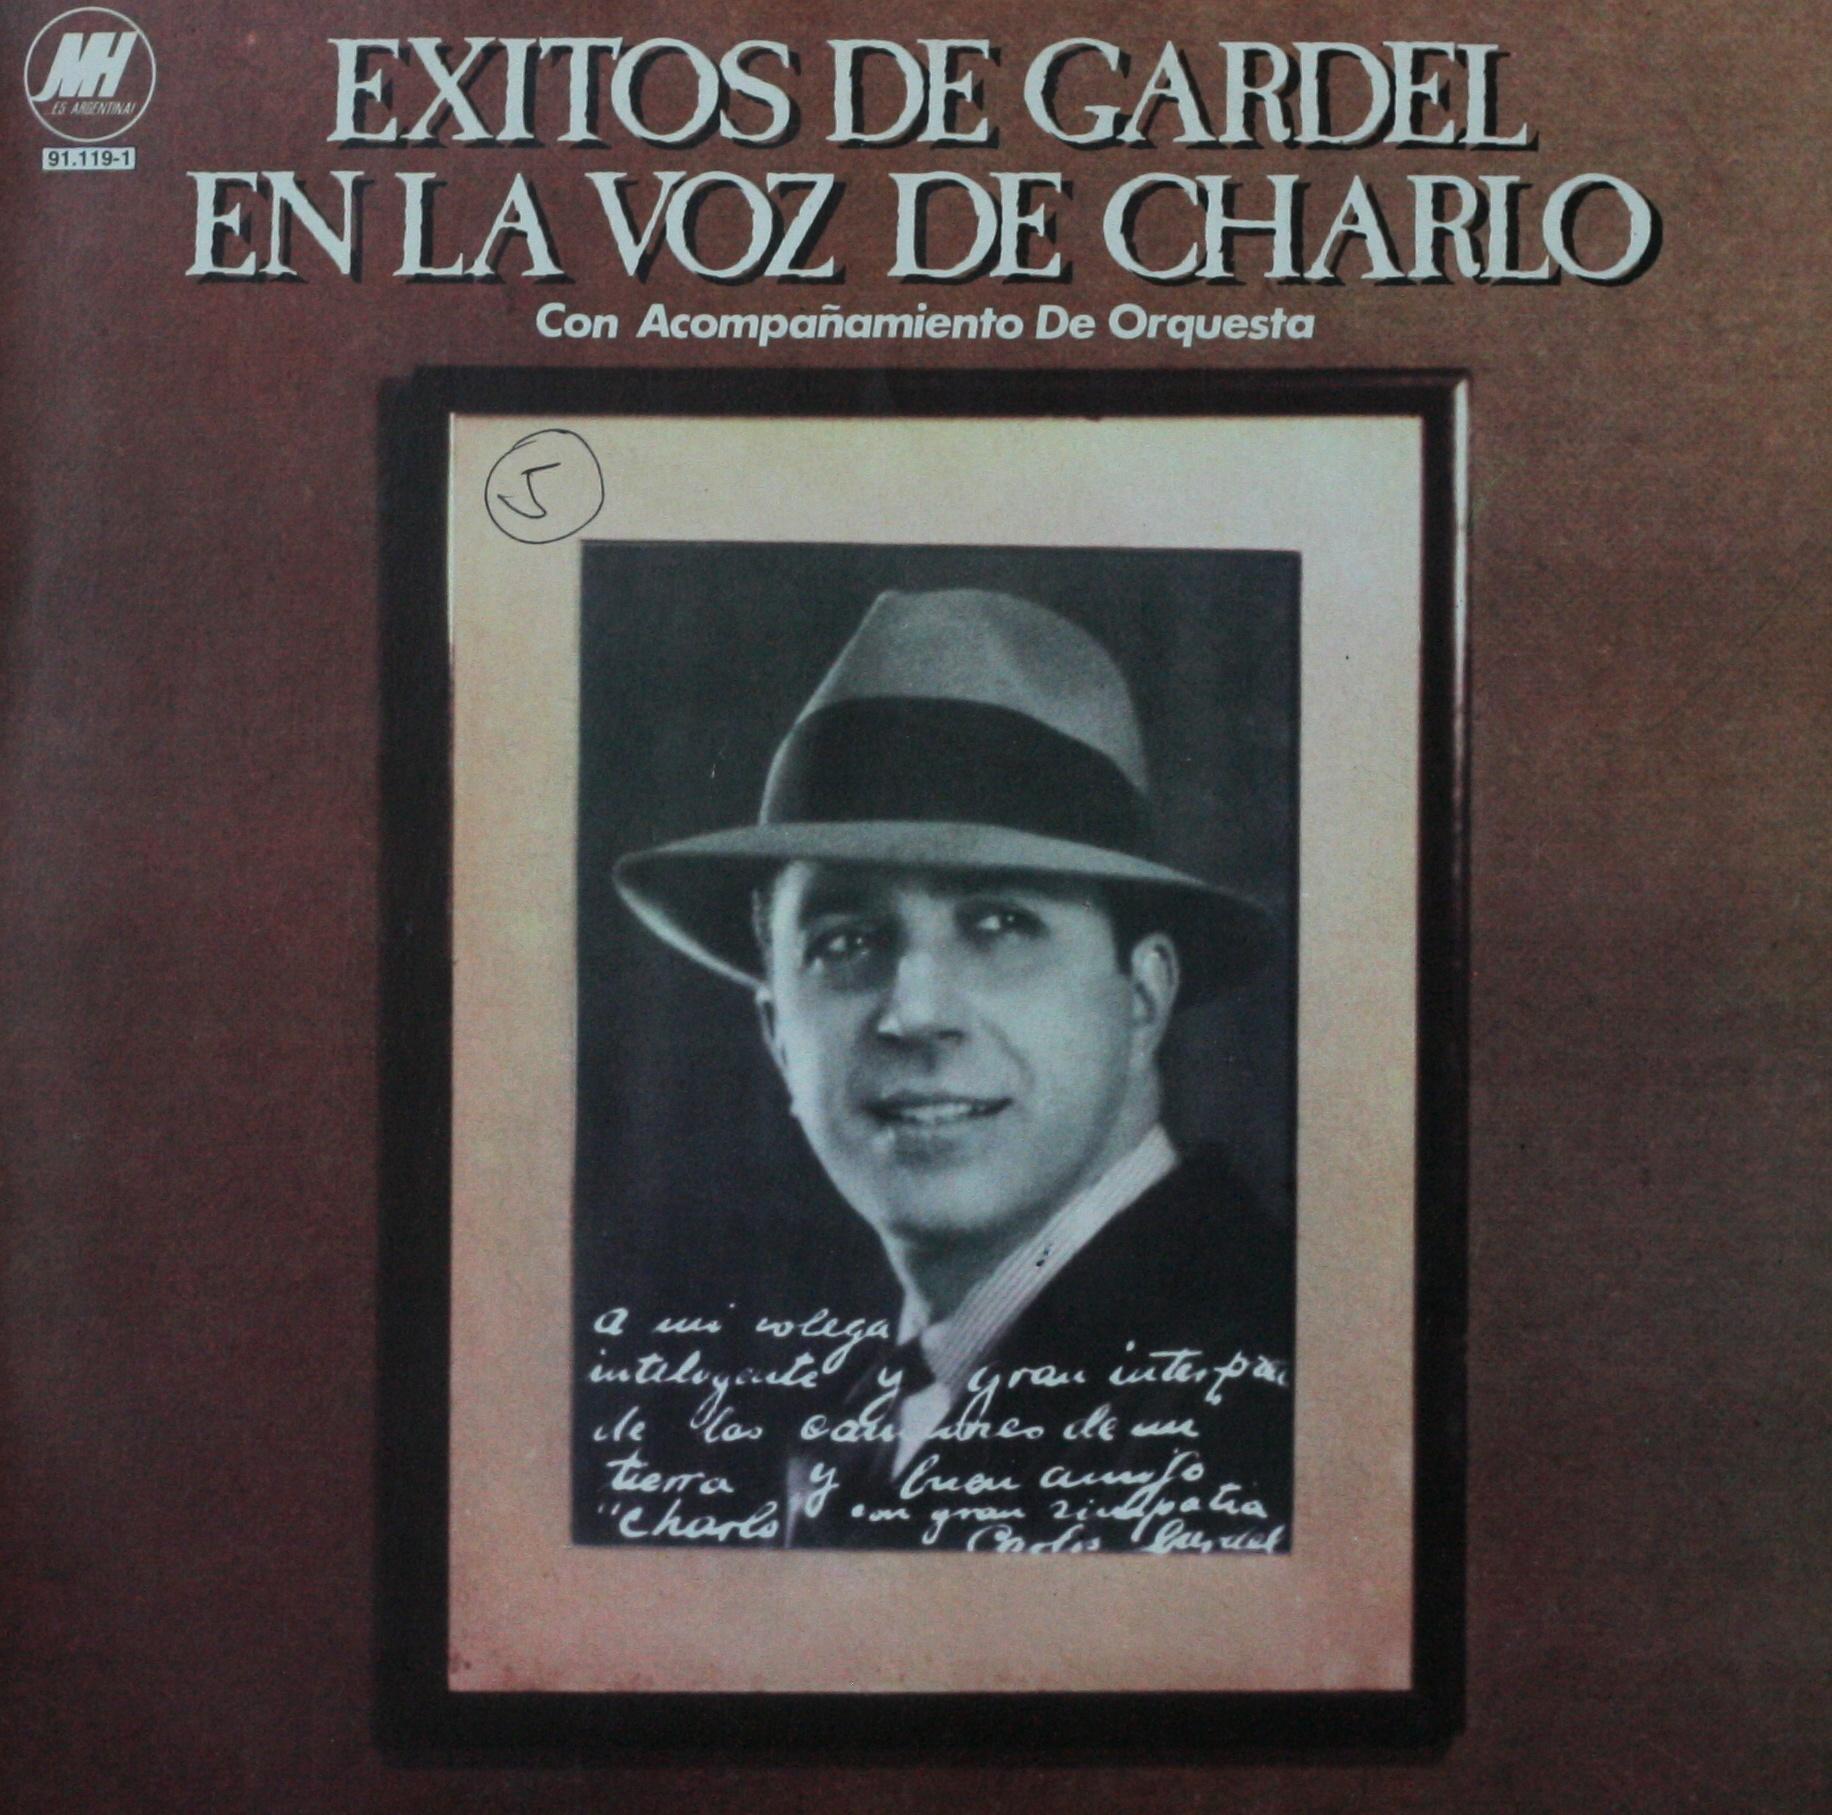 La foto de la tapa del disco fue un obsequio de Gardel a Charlo antes de su última gira.